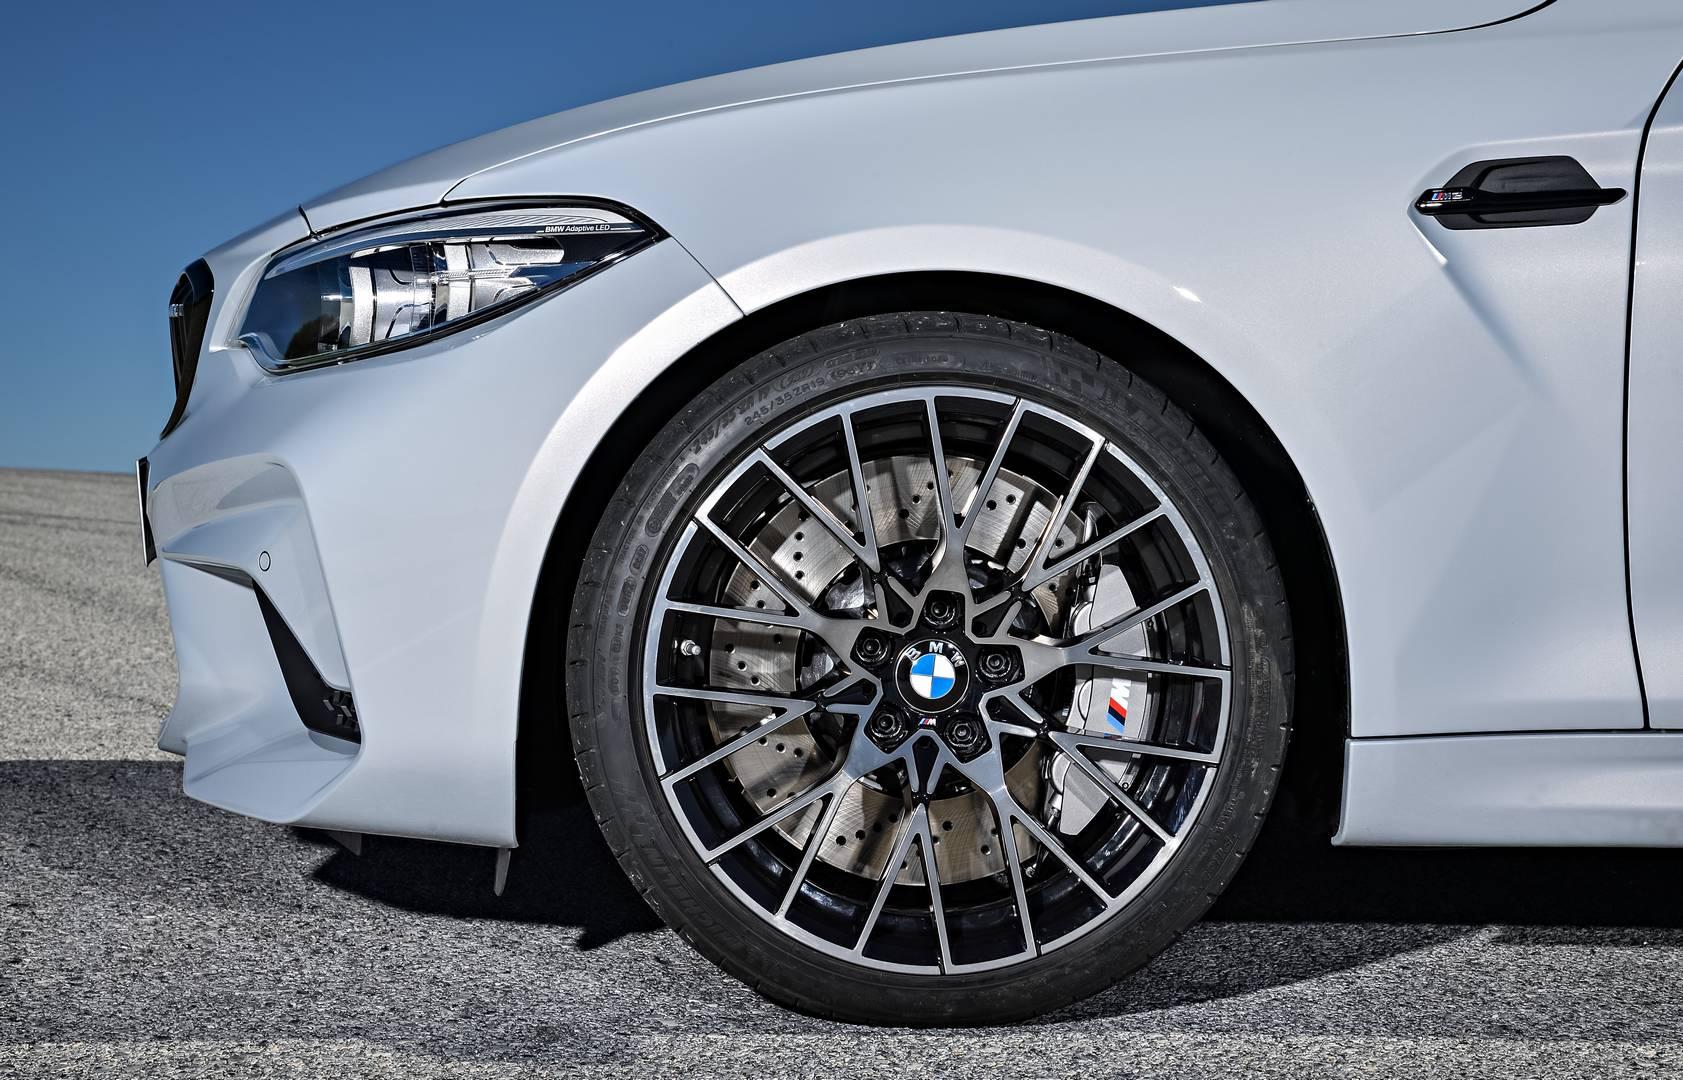 Шасси, основанные на передней и задней осях M3, становятся еще лучше: два стержня стабилизируют переднюю часть, рулевое управление было повторно откалибровано и, следовательно, а система контроля устойчивости стала еще лучше.